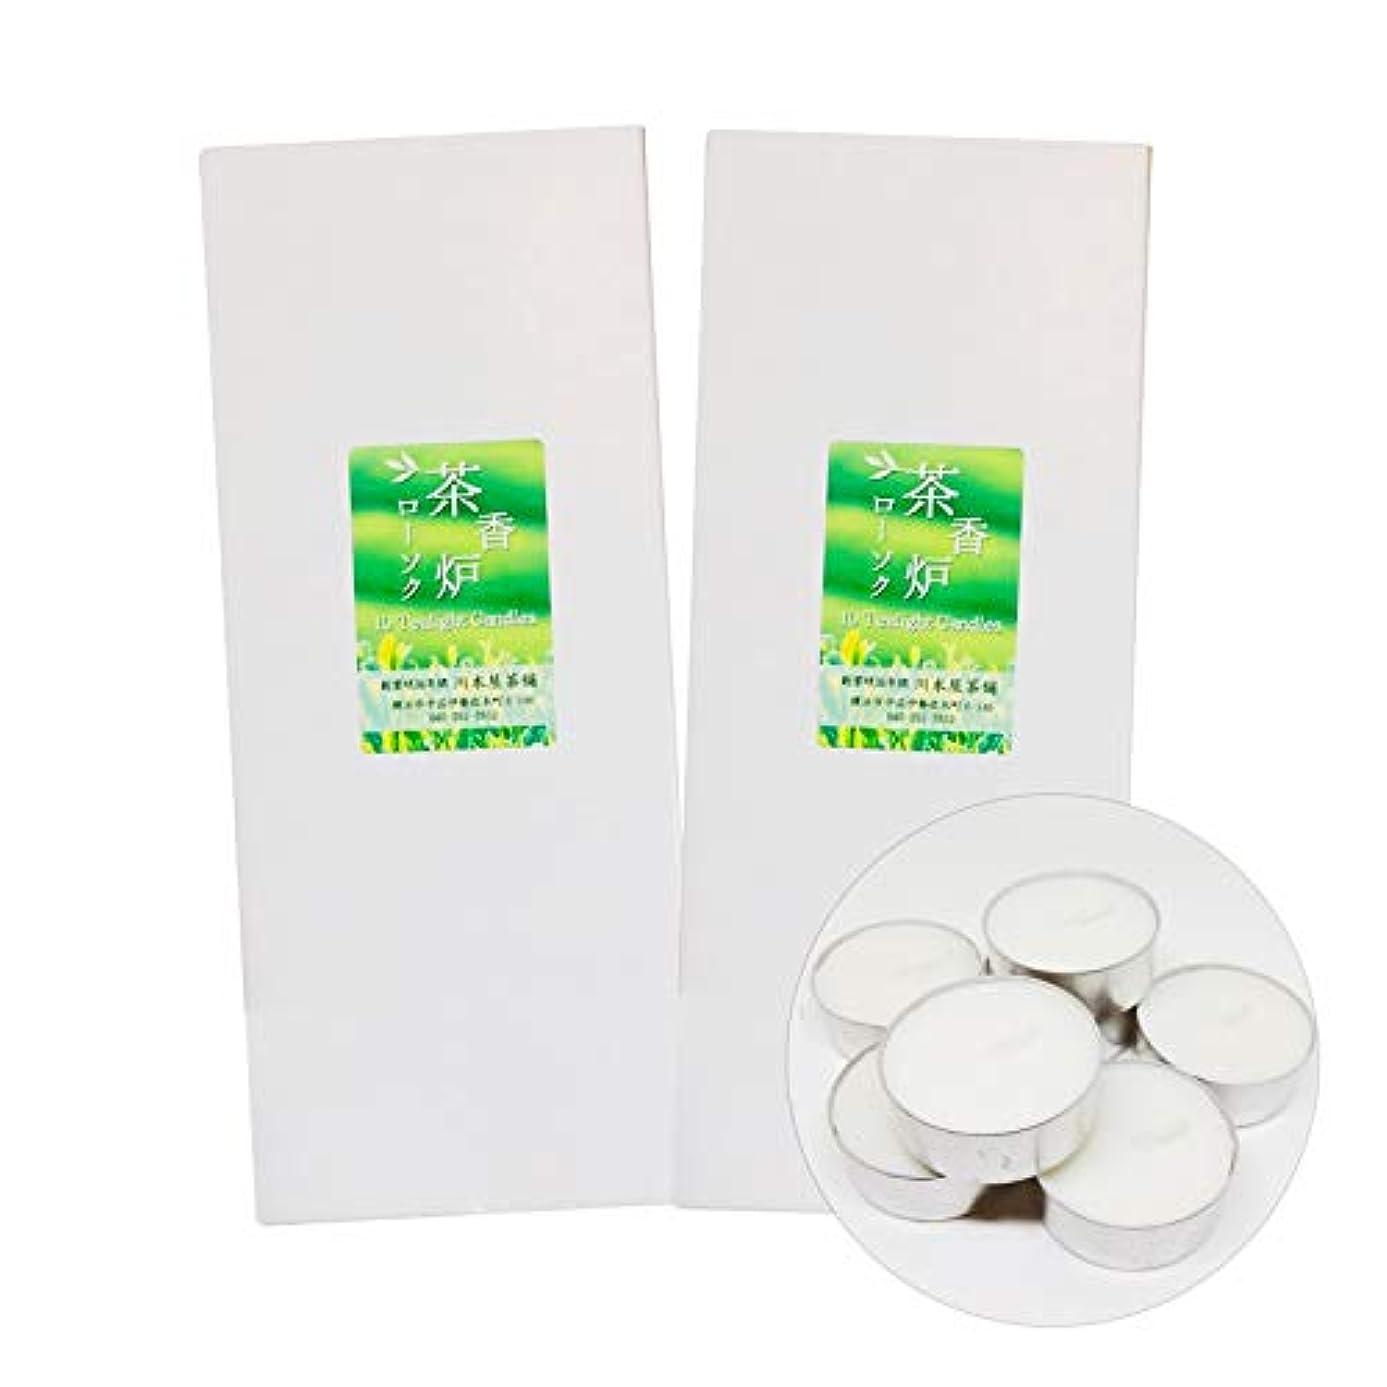 幸運拍手する軽減する茶香炉専用 ろうそく キャンドル 10個入り 川本屋茶舗 (2箱)